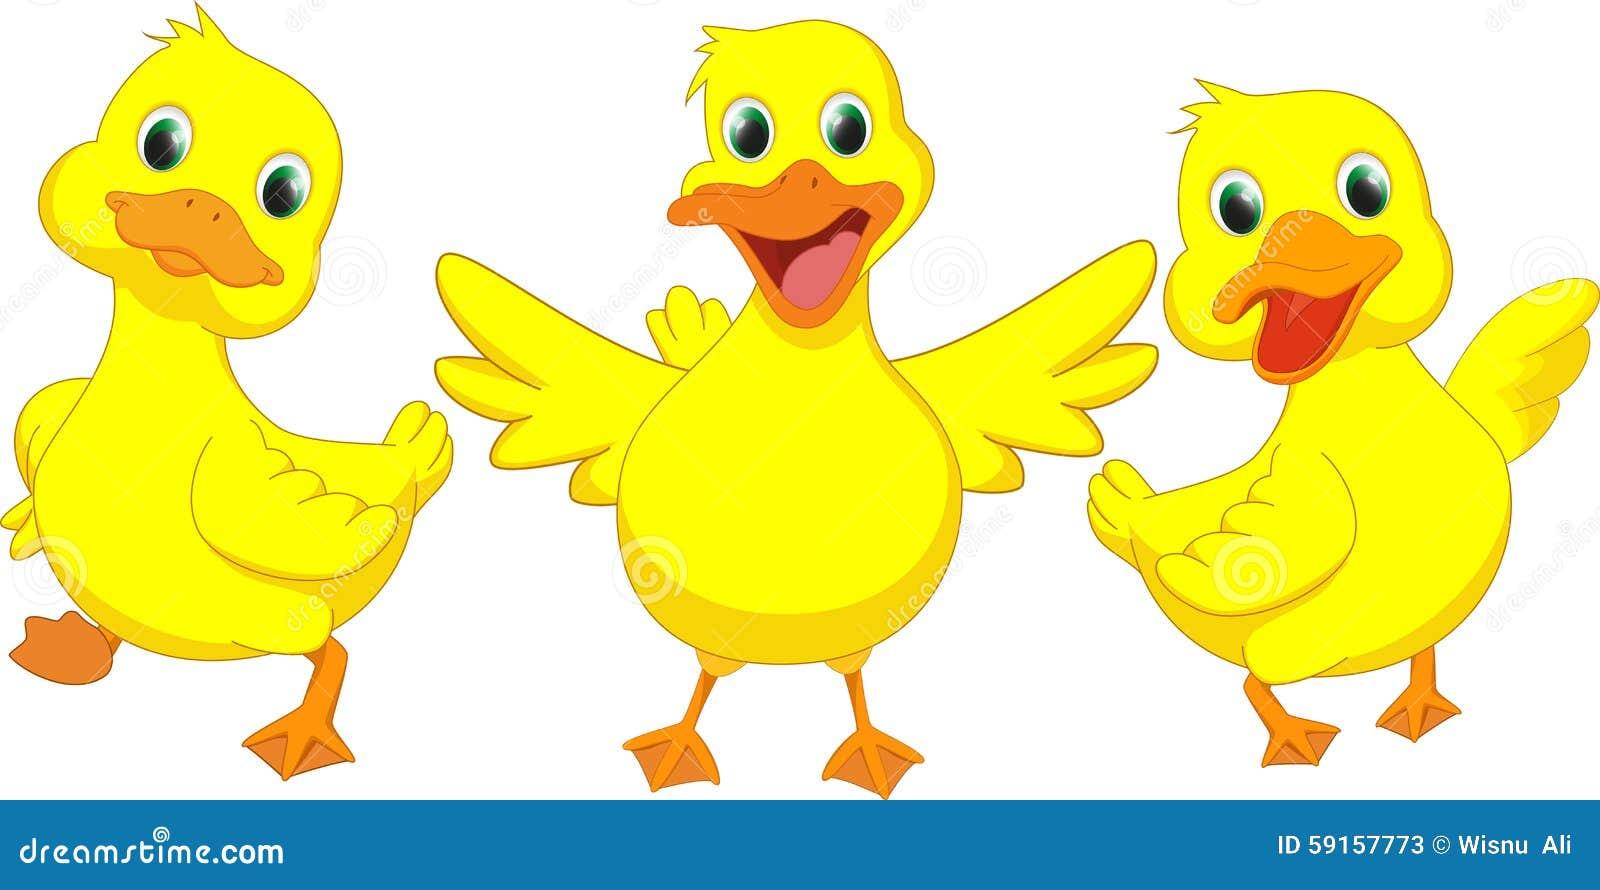 Happy Duck Cartoon Stock Vector - Image: 59157773